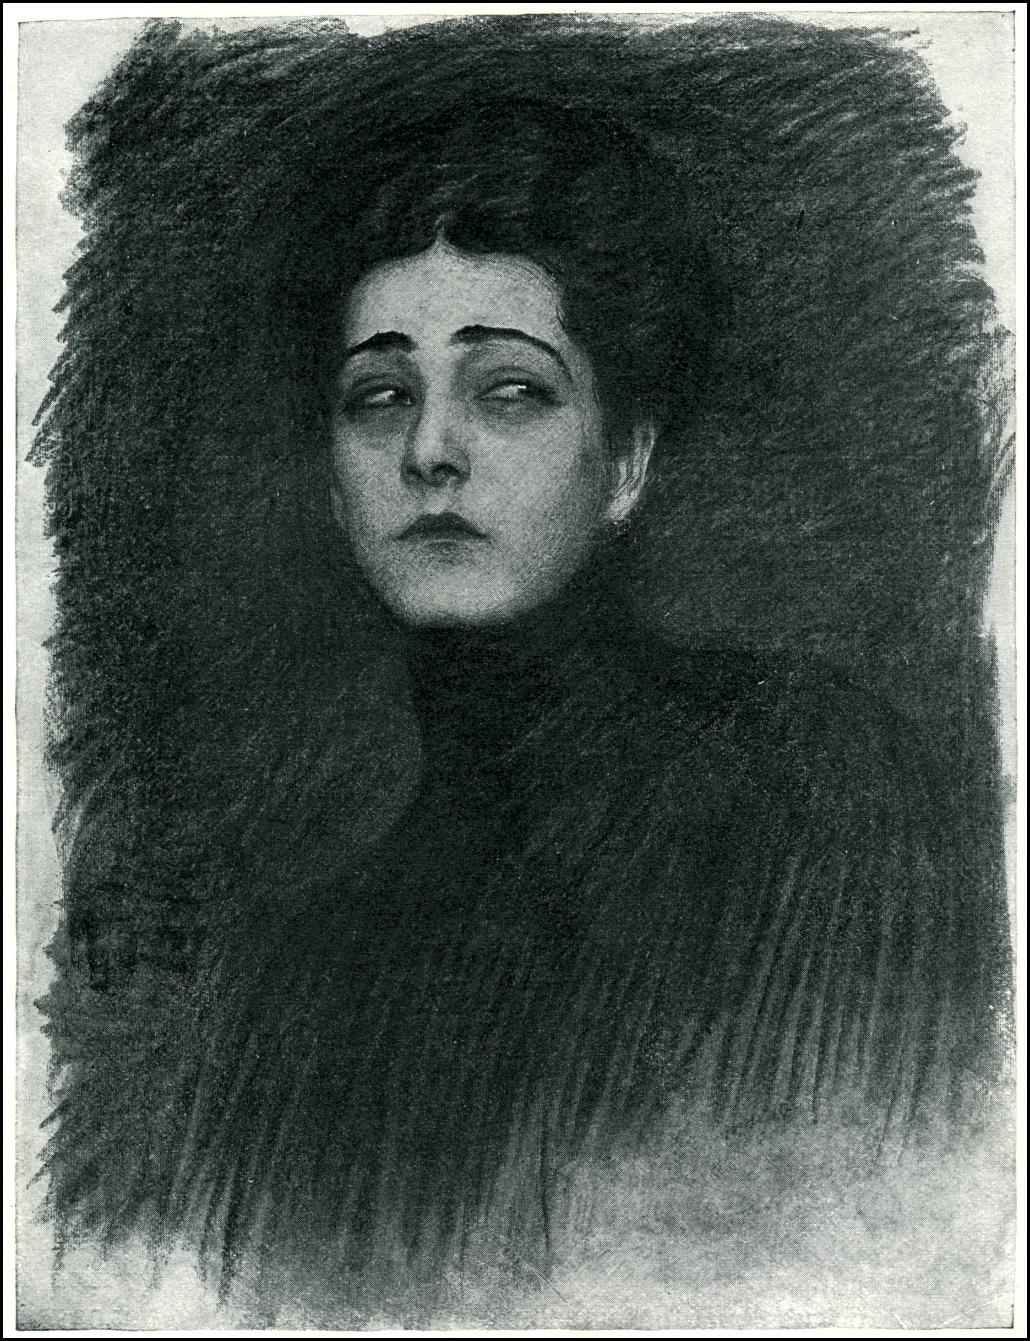 Sigismund Ivanowski (1875 – 1944)